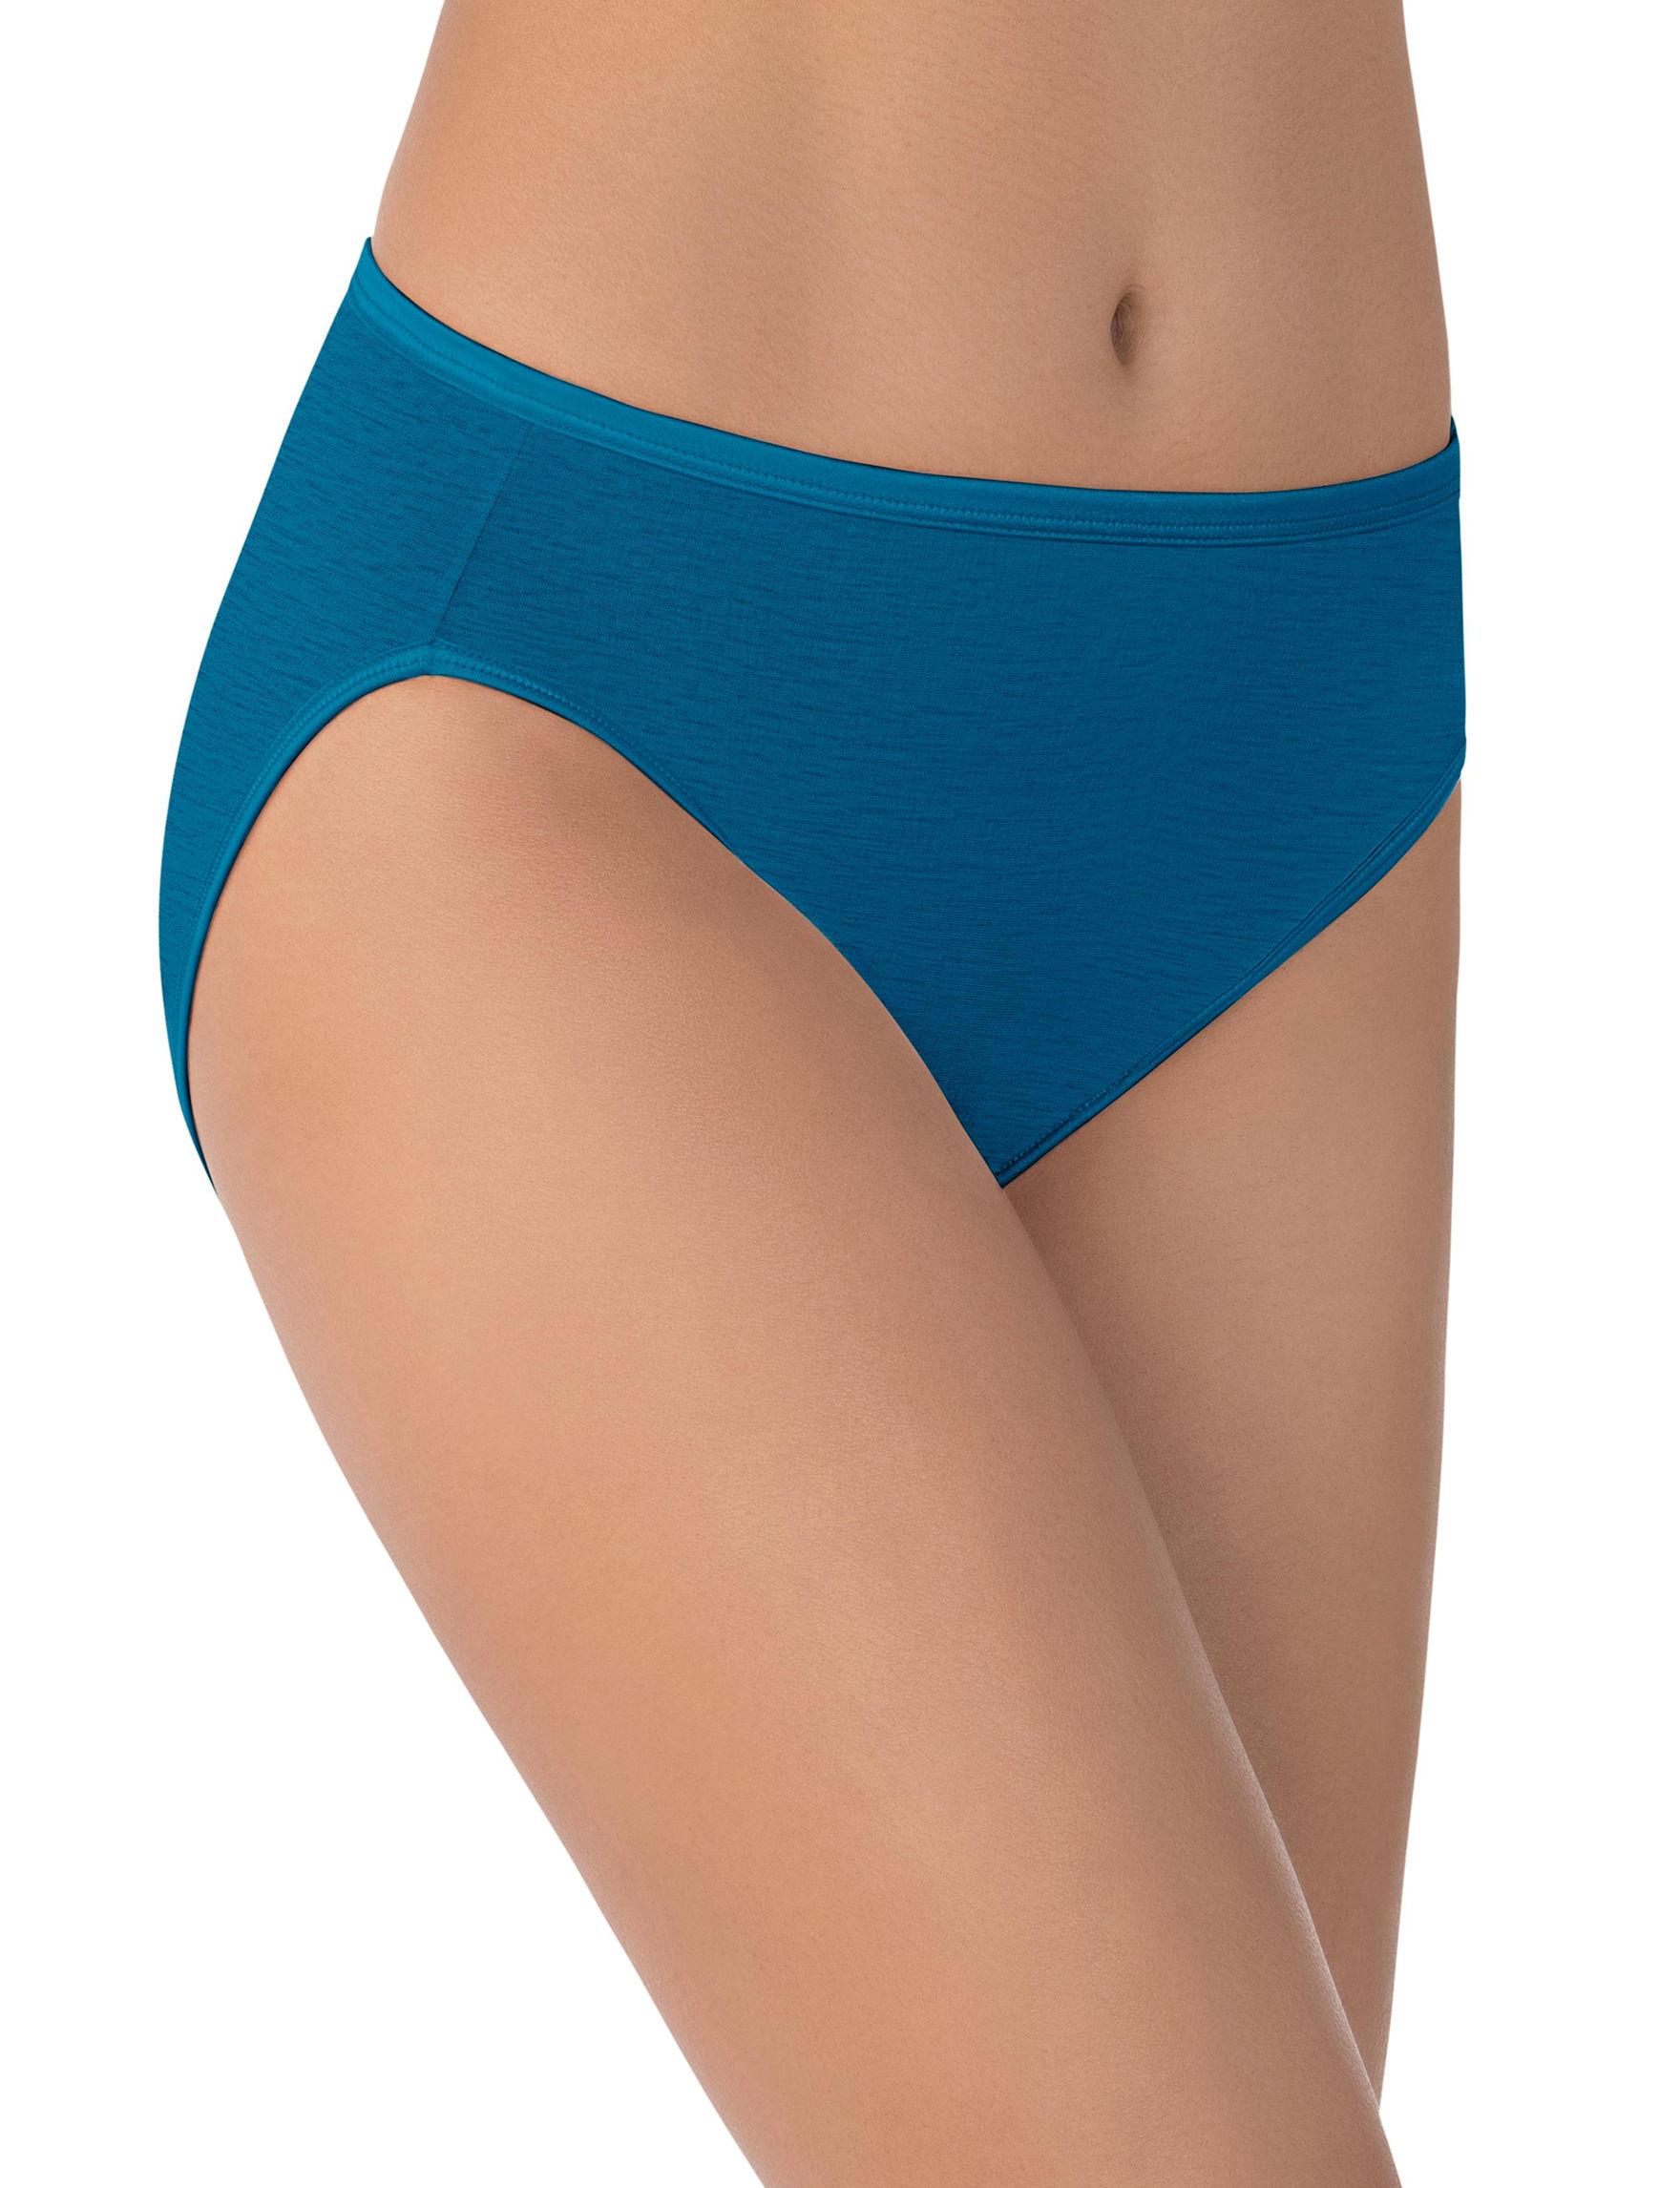 Vanity Fair Blue Panties Briefs High Cut